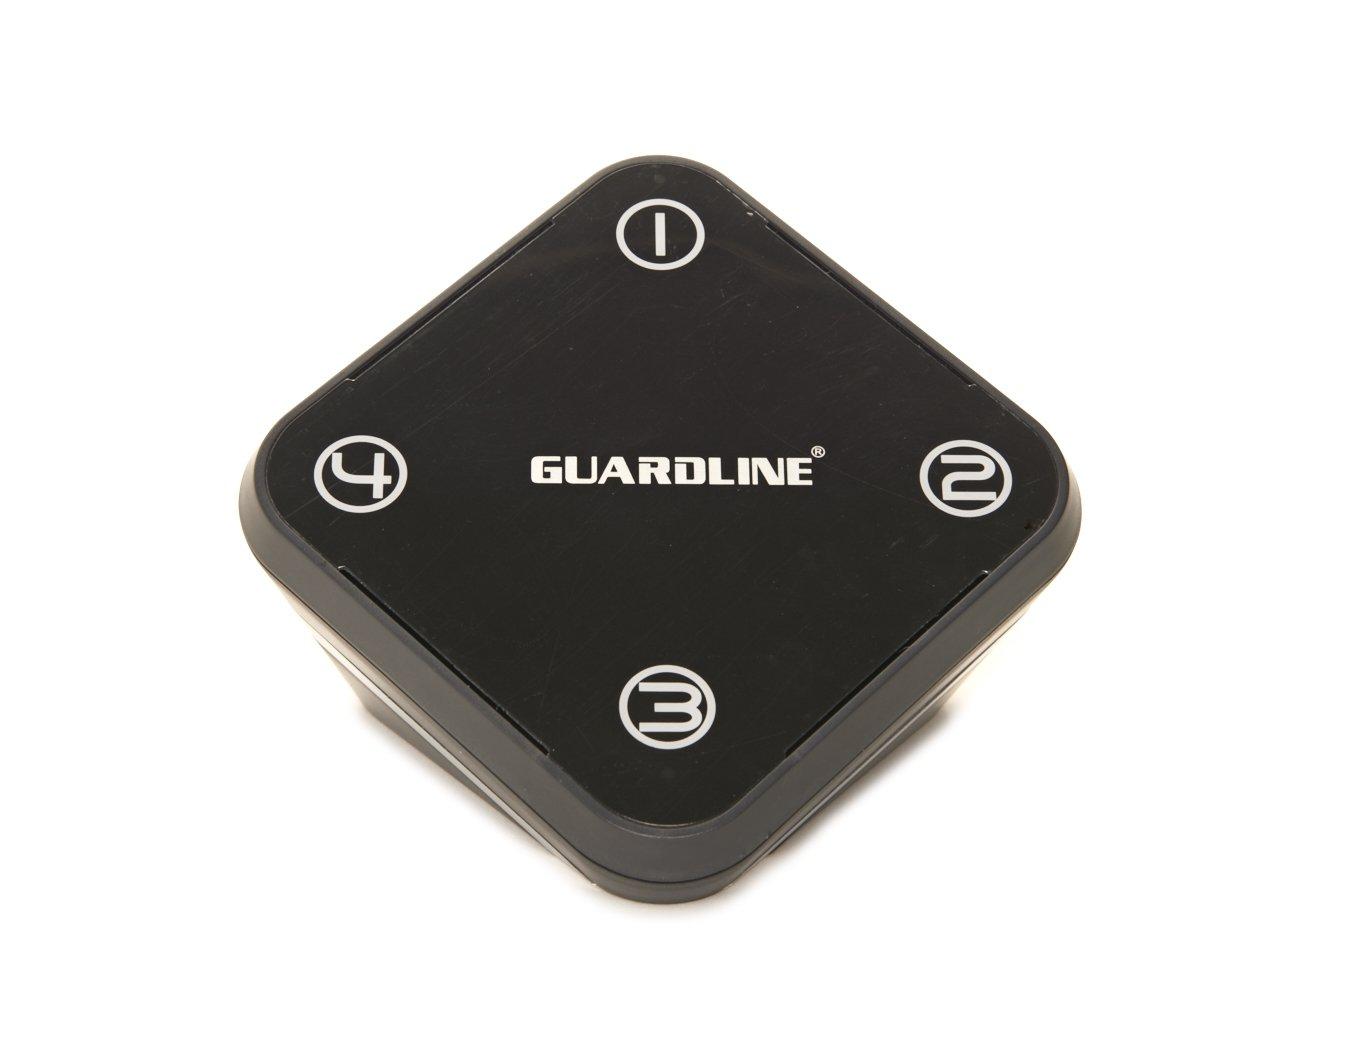 Guardline Extra Receiver for Original Driveway Alarm